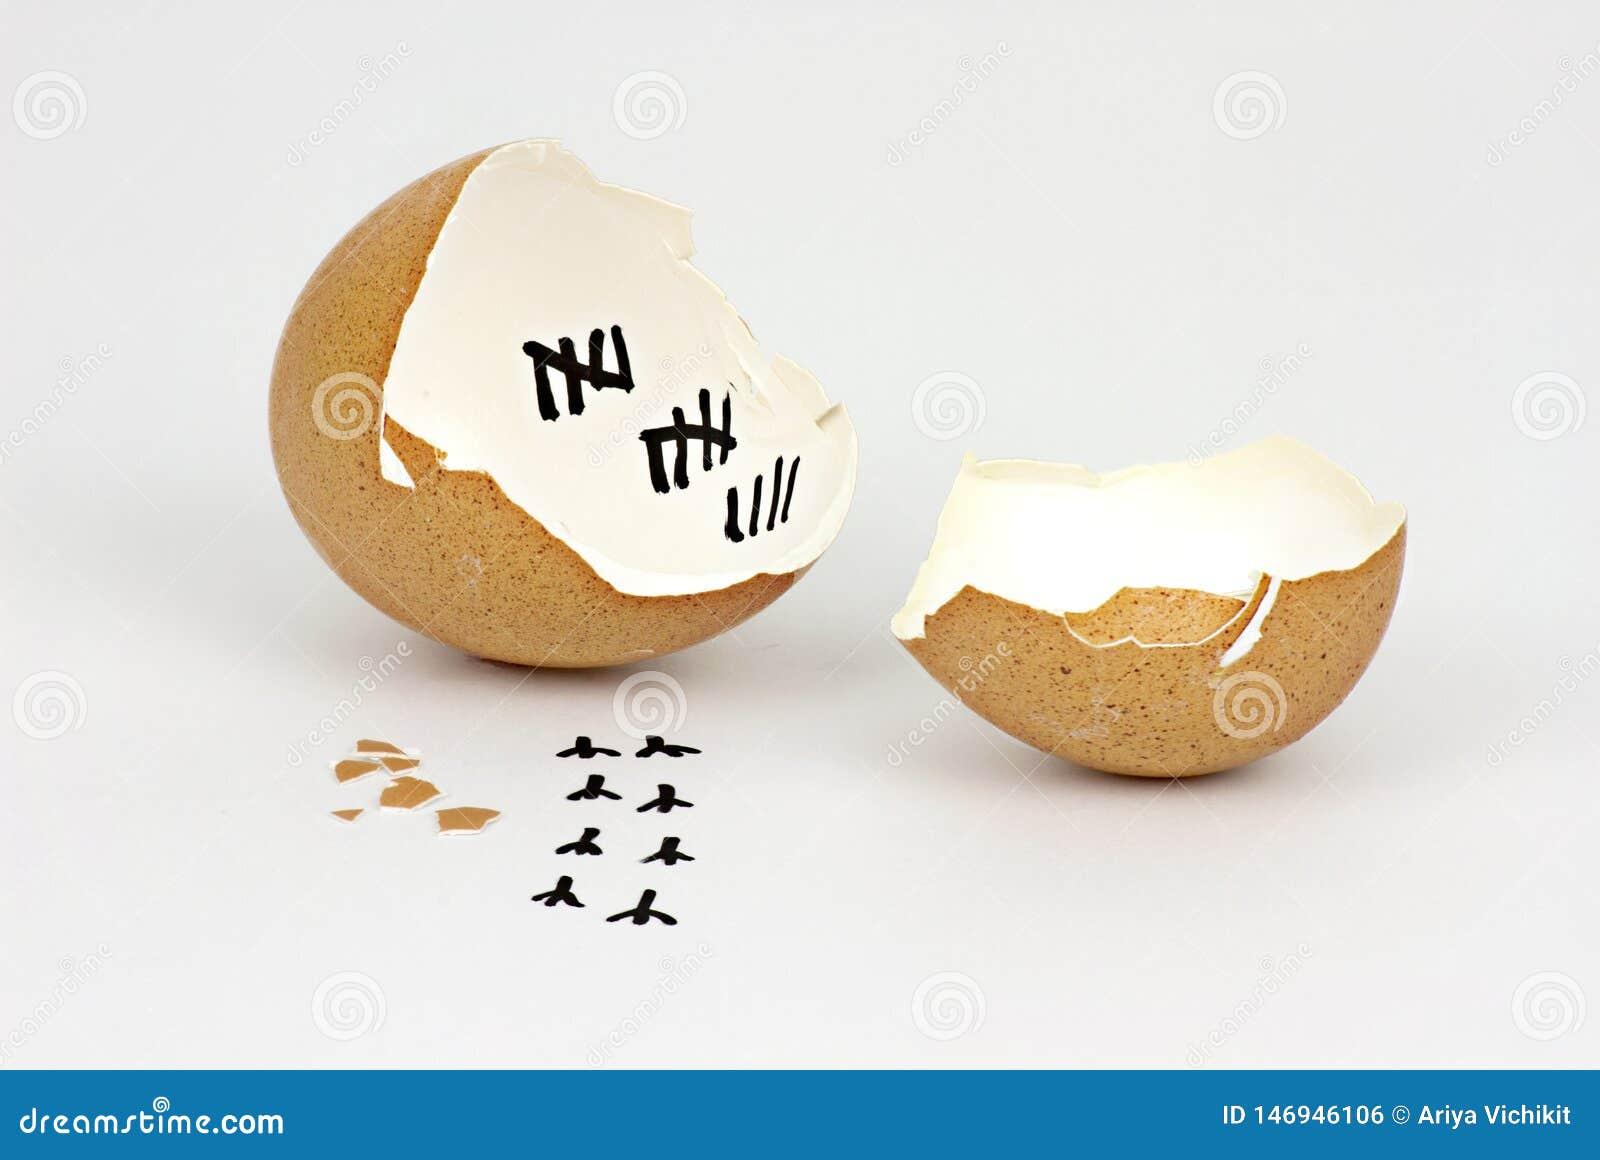 Gebrochene Eierschale mit Abdrücken auf weißem Hintergrund